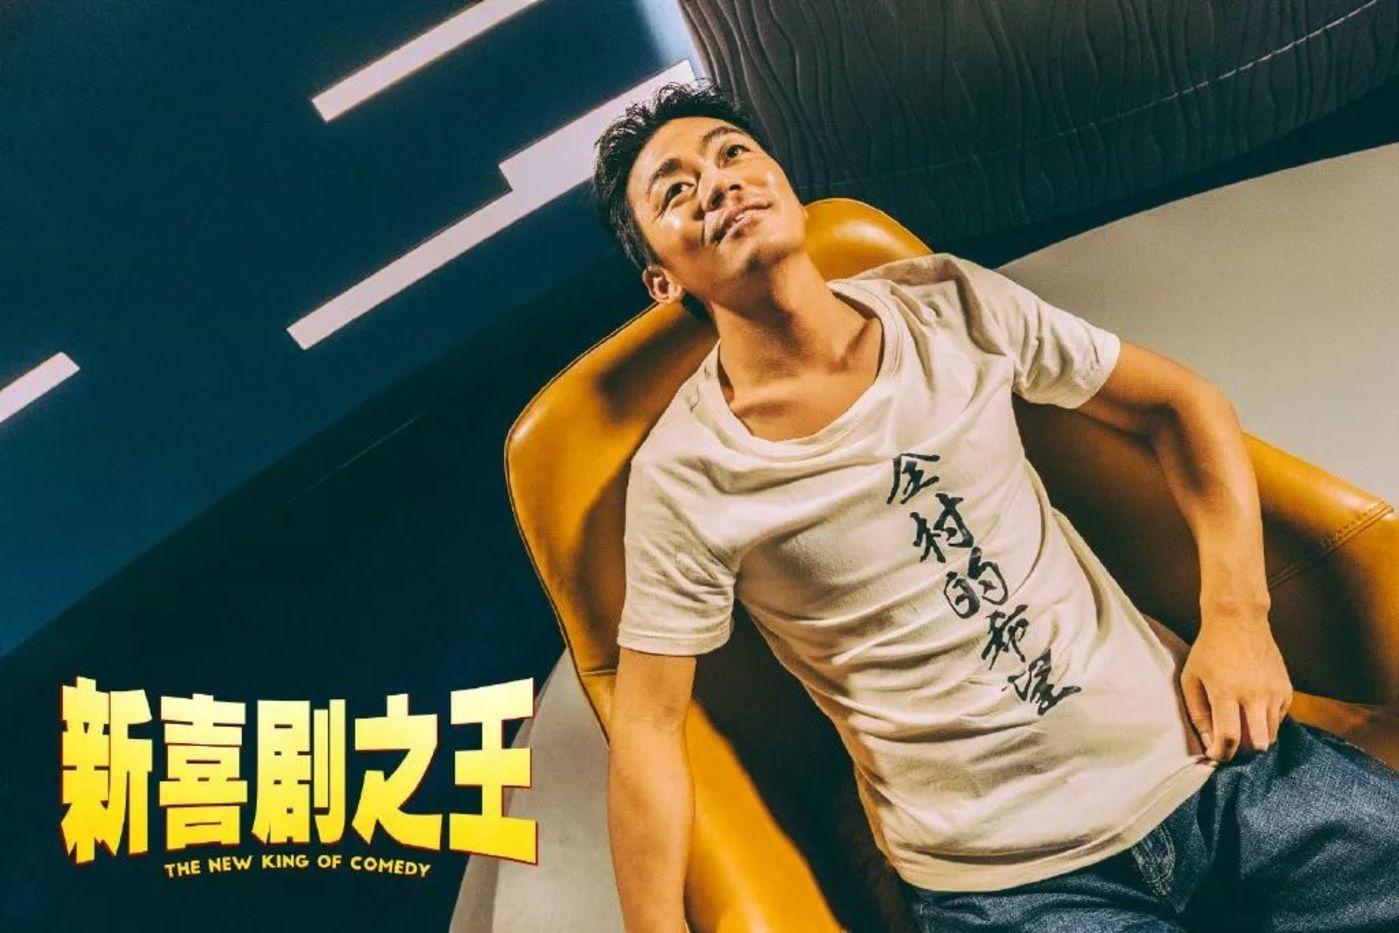 《新喜剧之王》的男主角王宝强